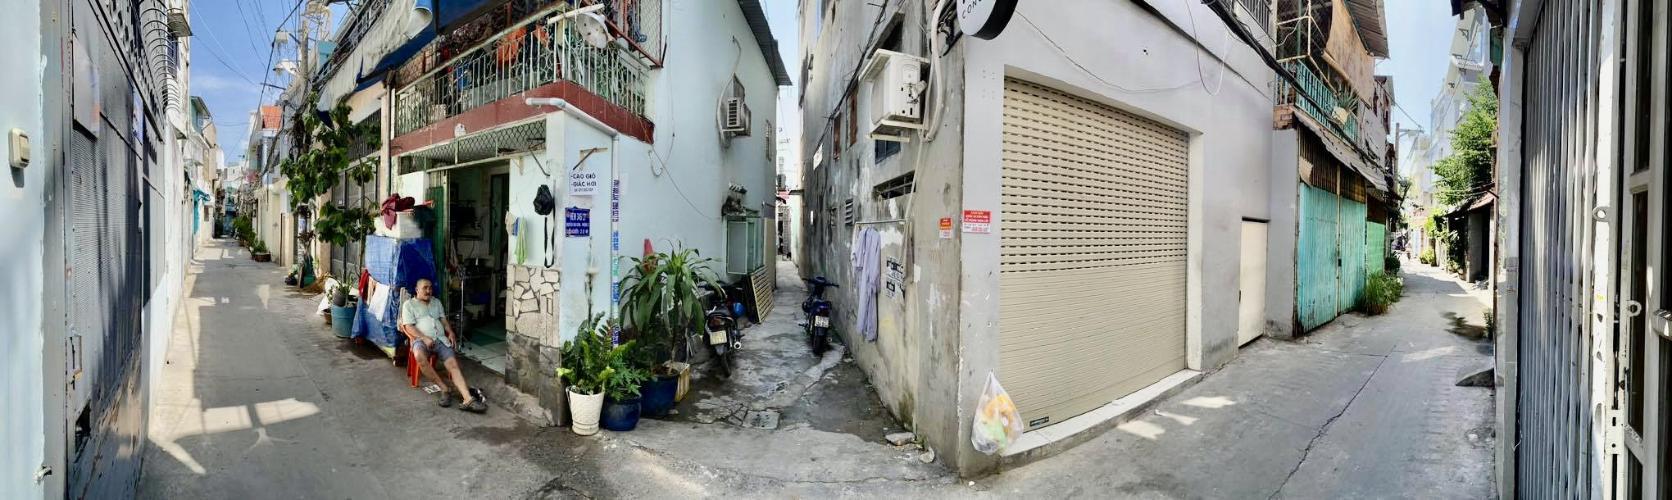 Hẻm nhà phố Nguyễn Văn Công, Gò Vấp Nhà phố hướng Đông Bắc, căn ngay góc hẻm 2 mặt tiền.